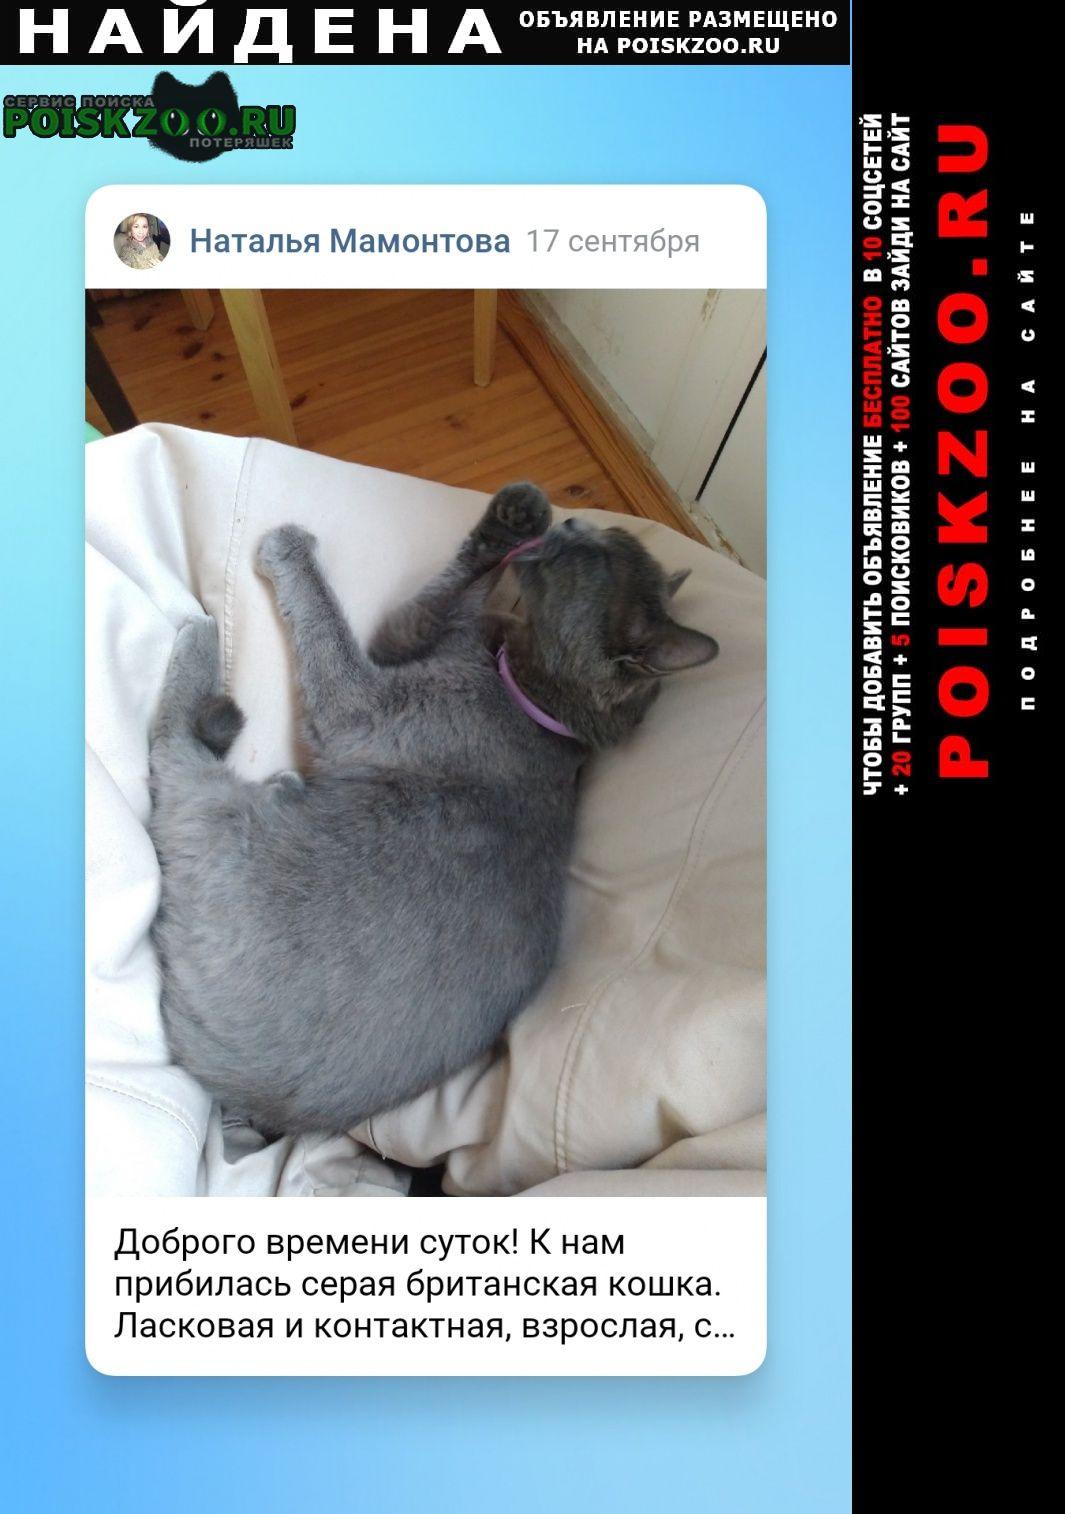 Найдена кошка британская в сиреневом оше Нижний Новгород